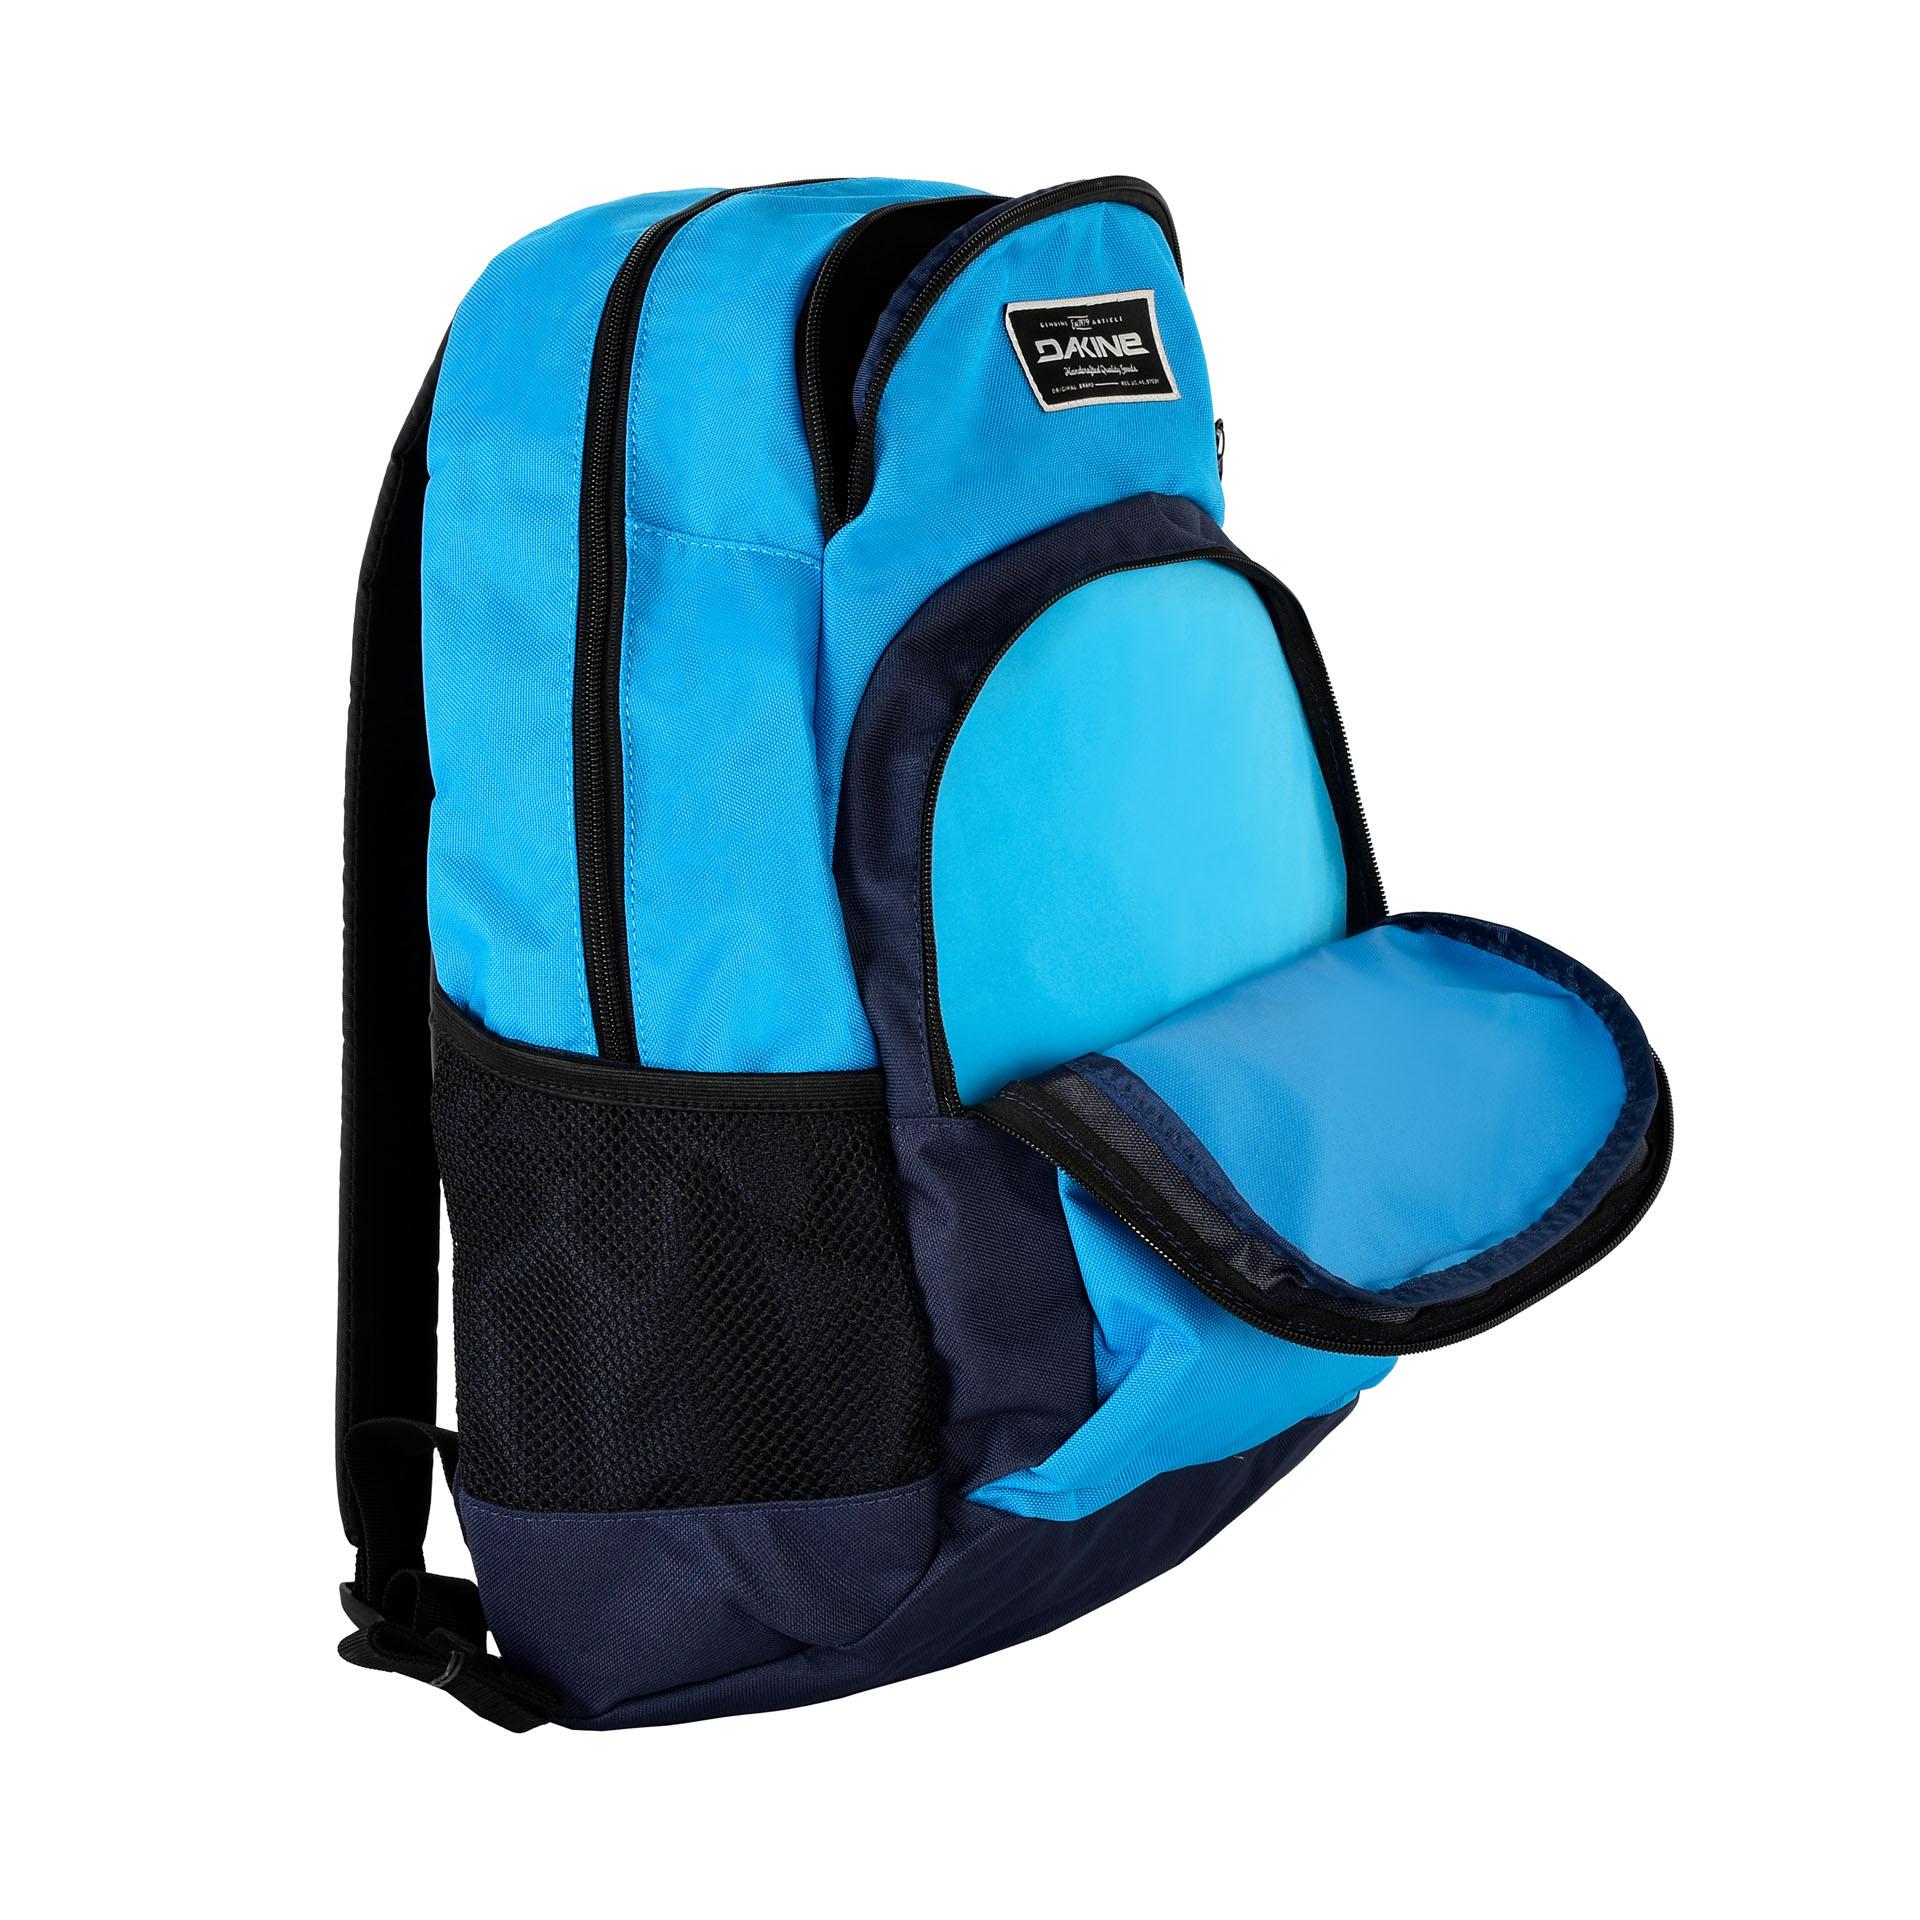 Dakine Central 26L Blues Klasický mestský batoh, ktorý možno použiť aj na cesty do školy alebo na šport.- hlavné vrecko so širokým zatváraním na zips- malé vrecko vyložené fleecom napr.